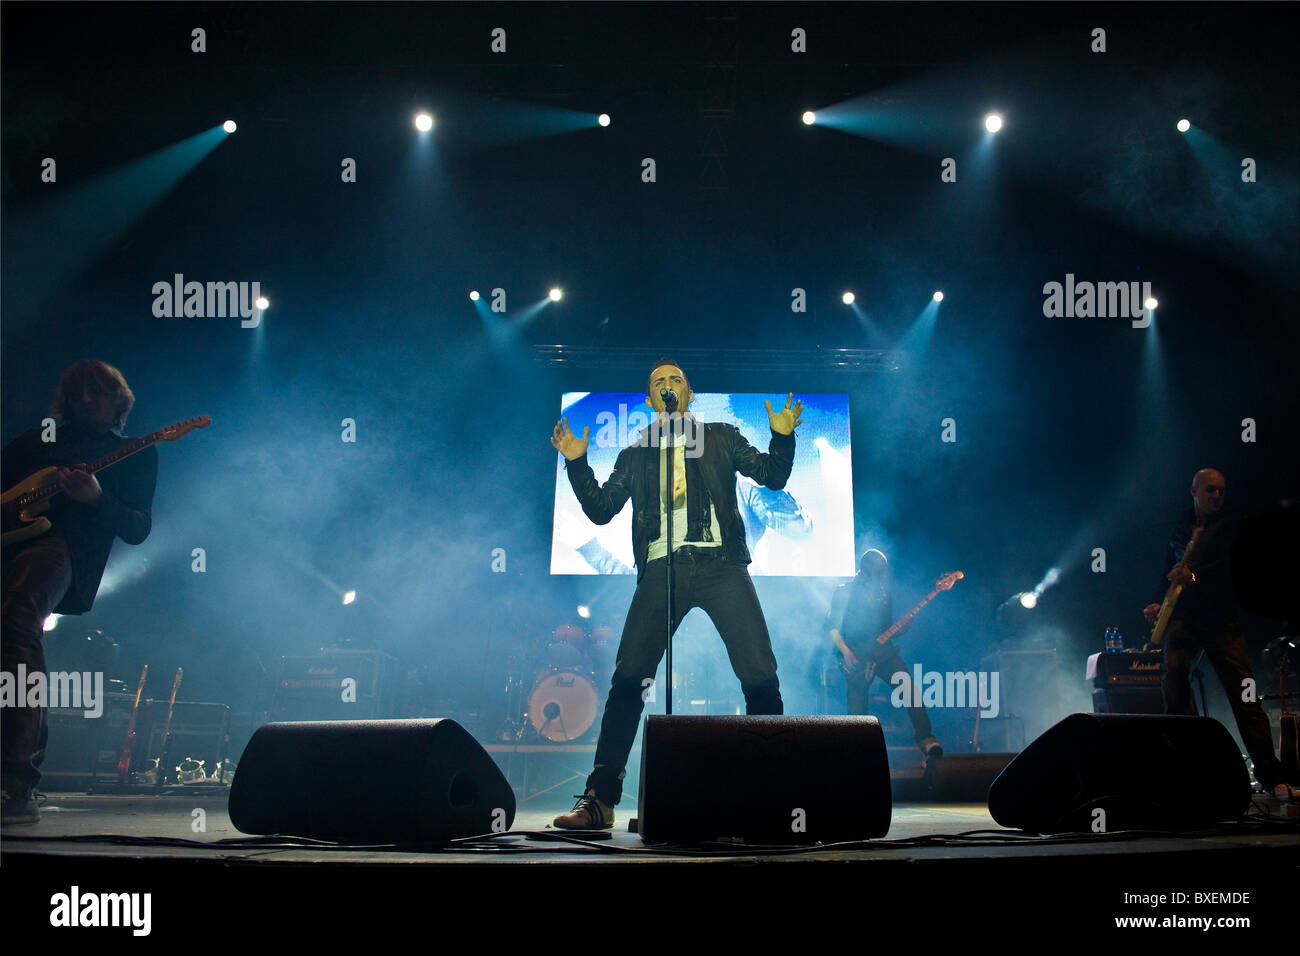 """Francesco Silvestre alis Kekko, Moda en concierto, el Palasharp """", Milán, Italia (18.12.2010). Imagen De Stock"""